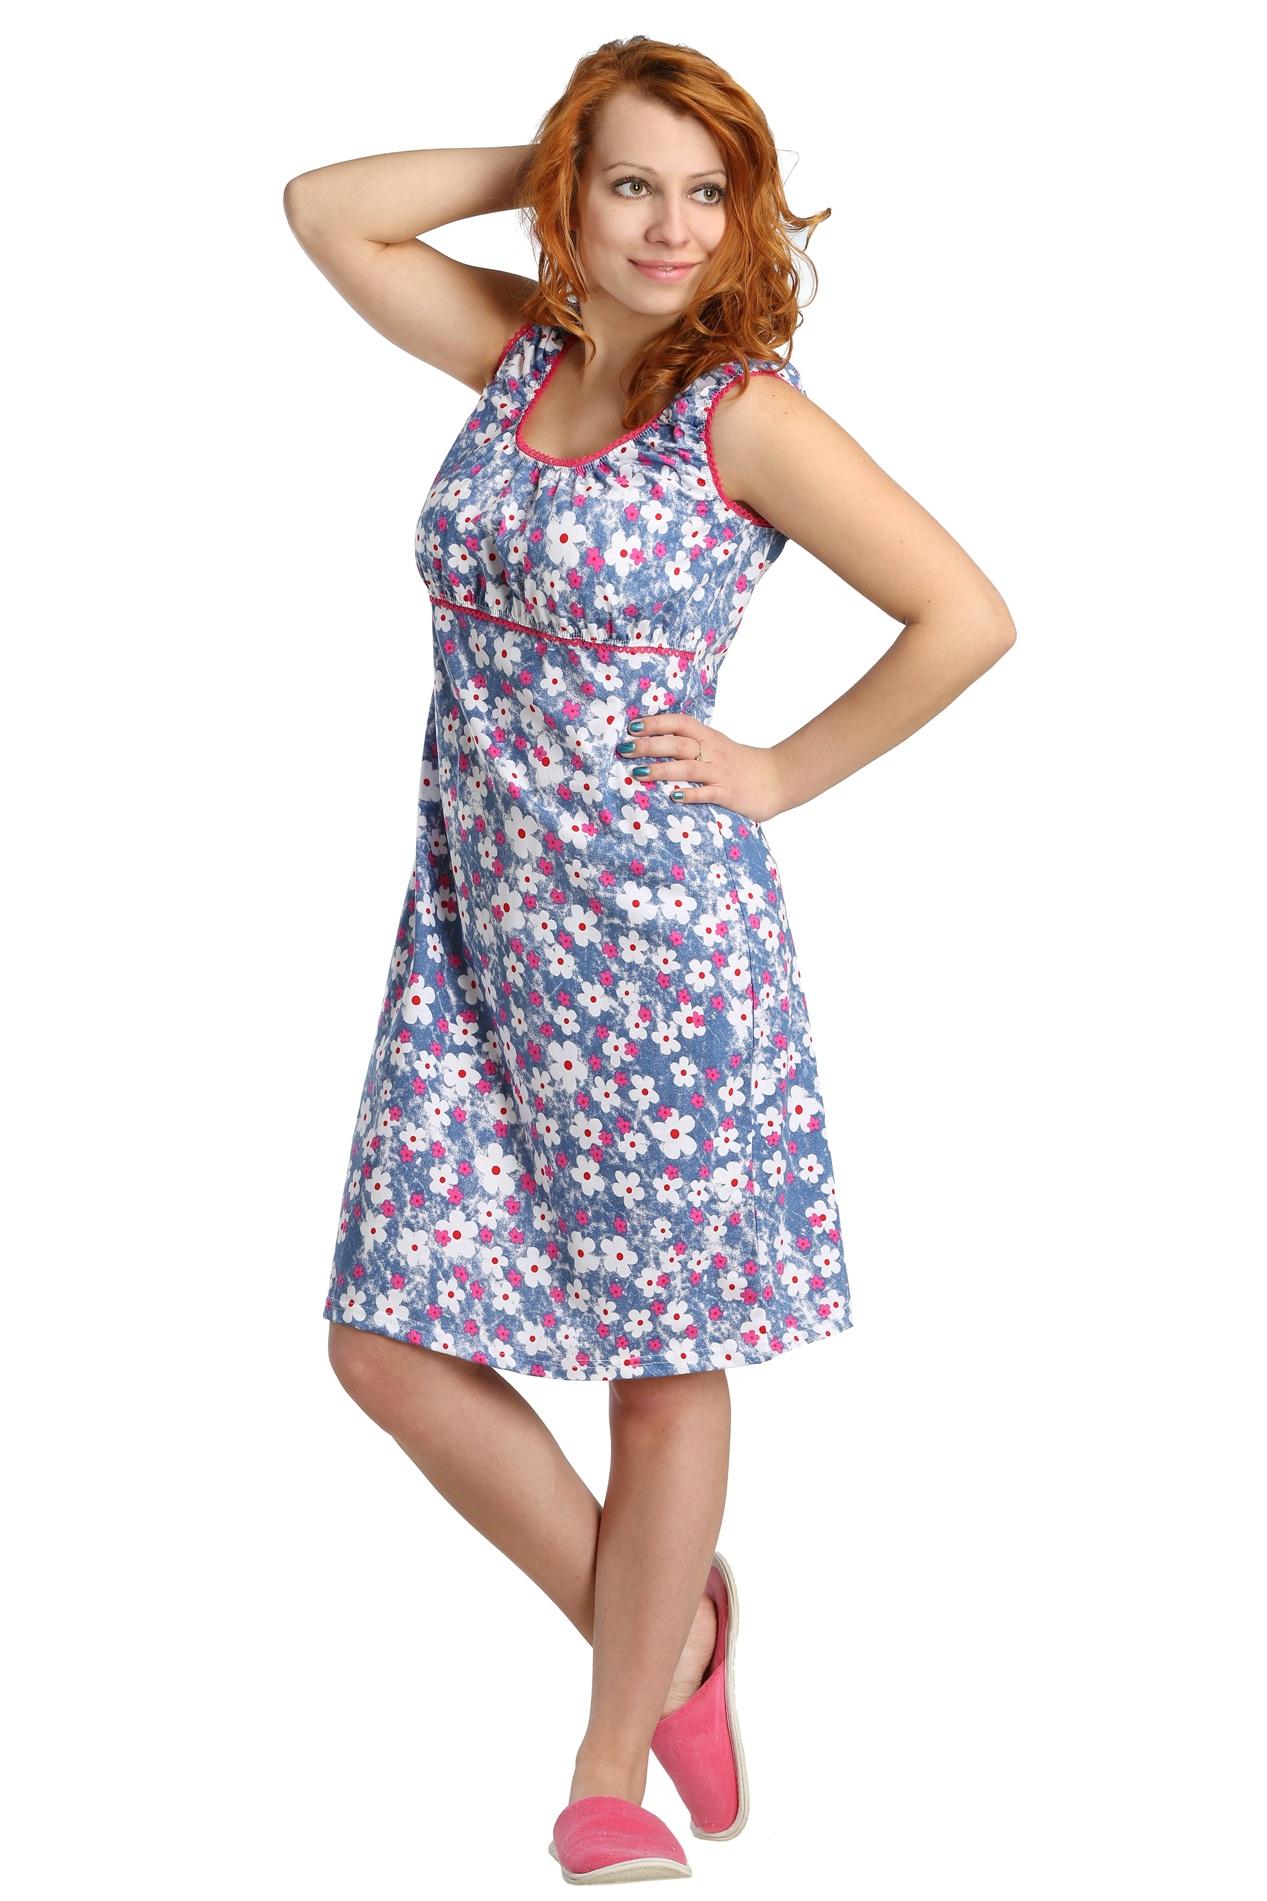 Жен. платье арт. 16-0099 Малиновый р. 48 жен платье арт 16 0099 малиновый р 48